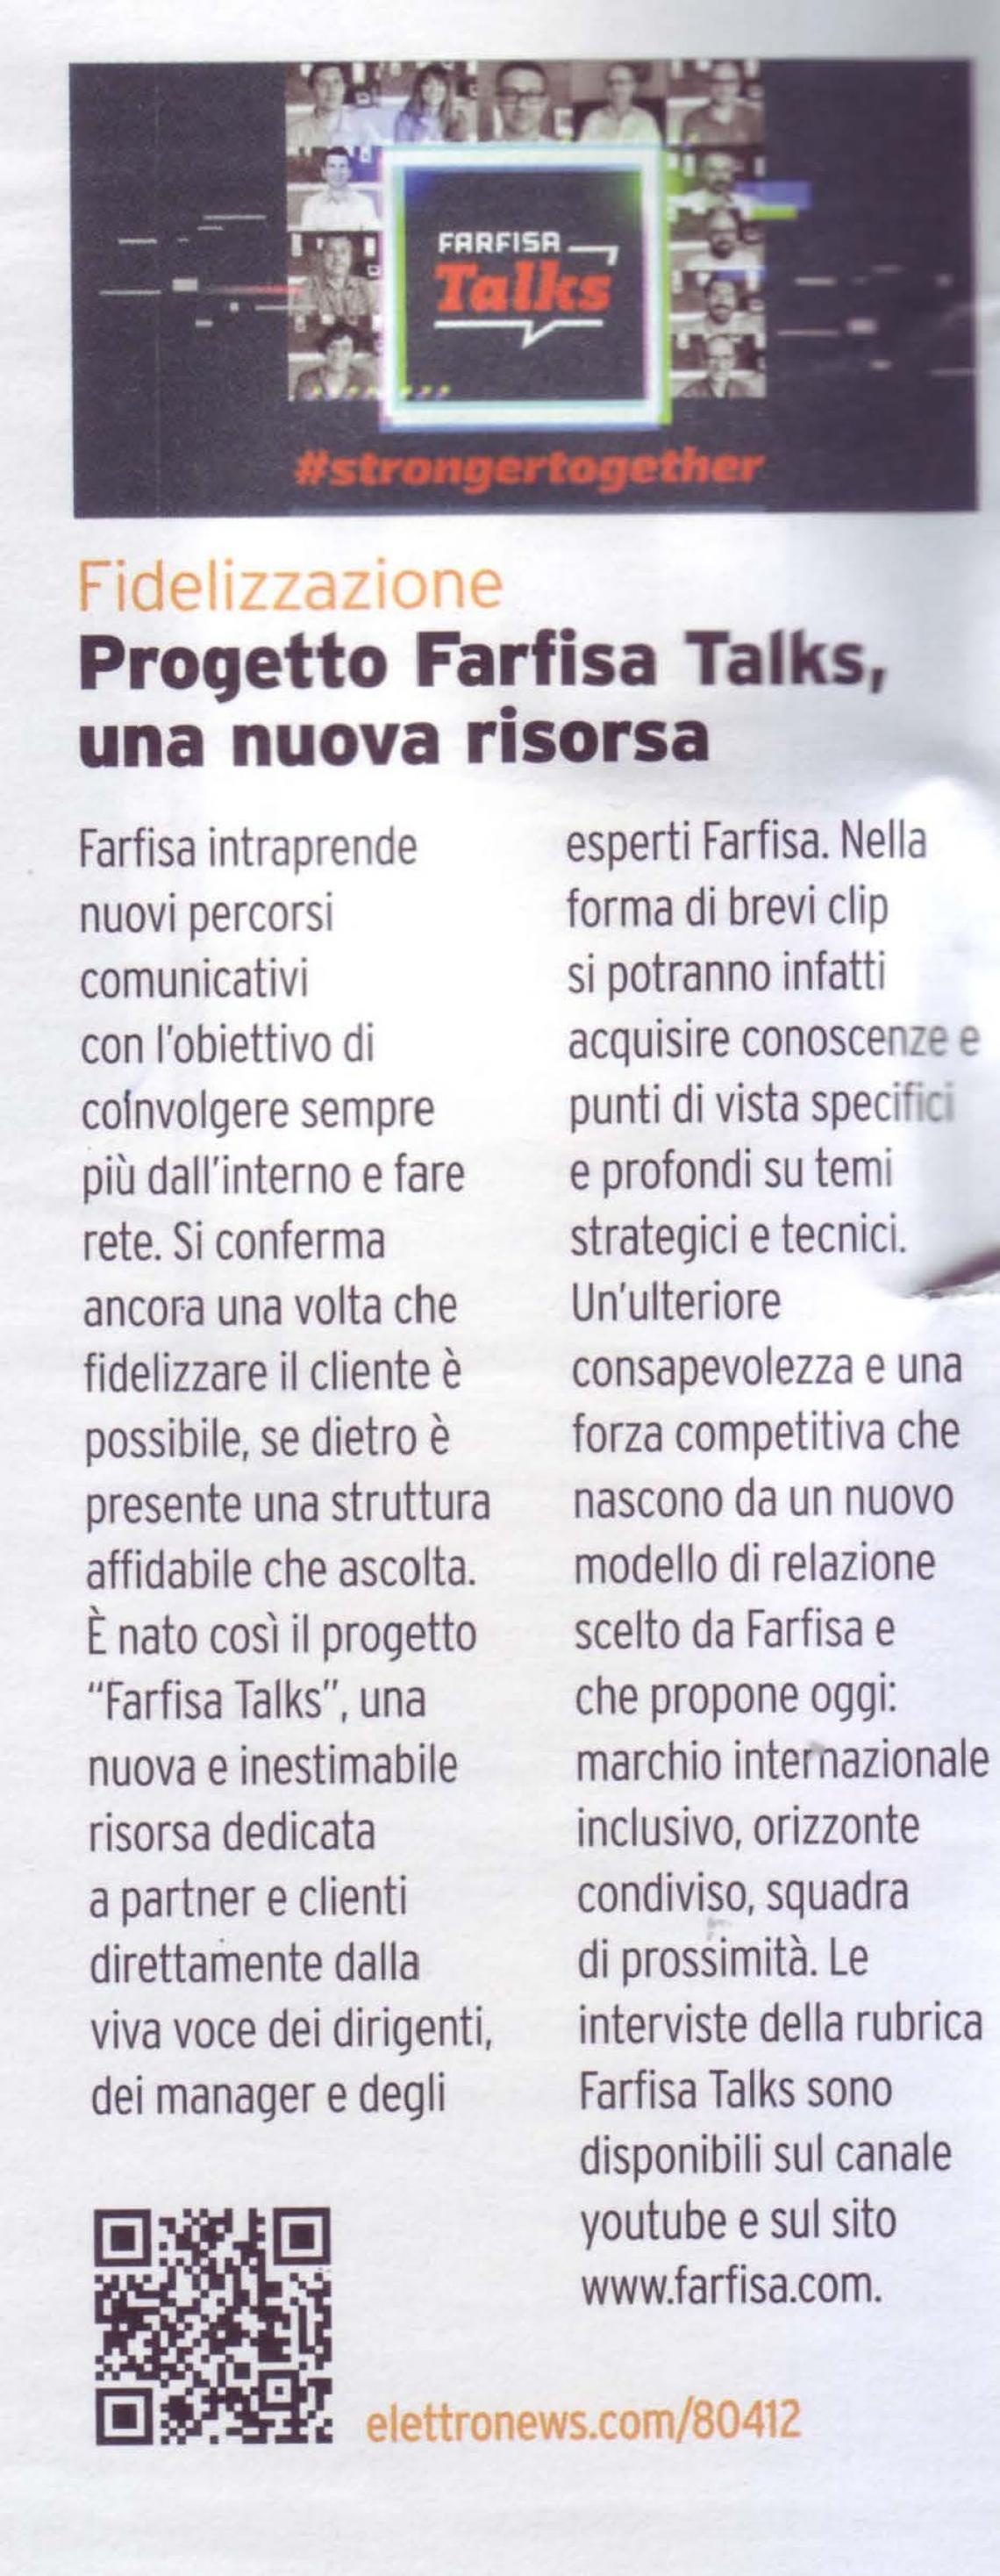 Progetto Farfisa Talks, una nuova risorsa